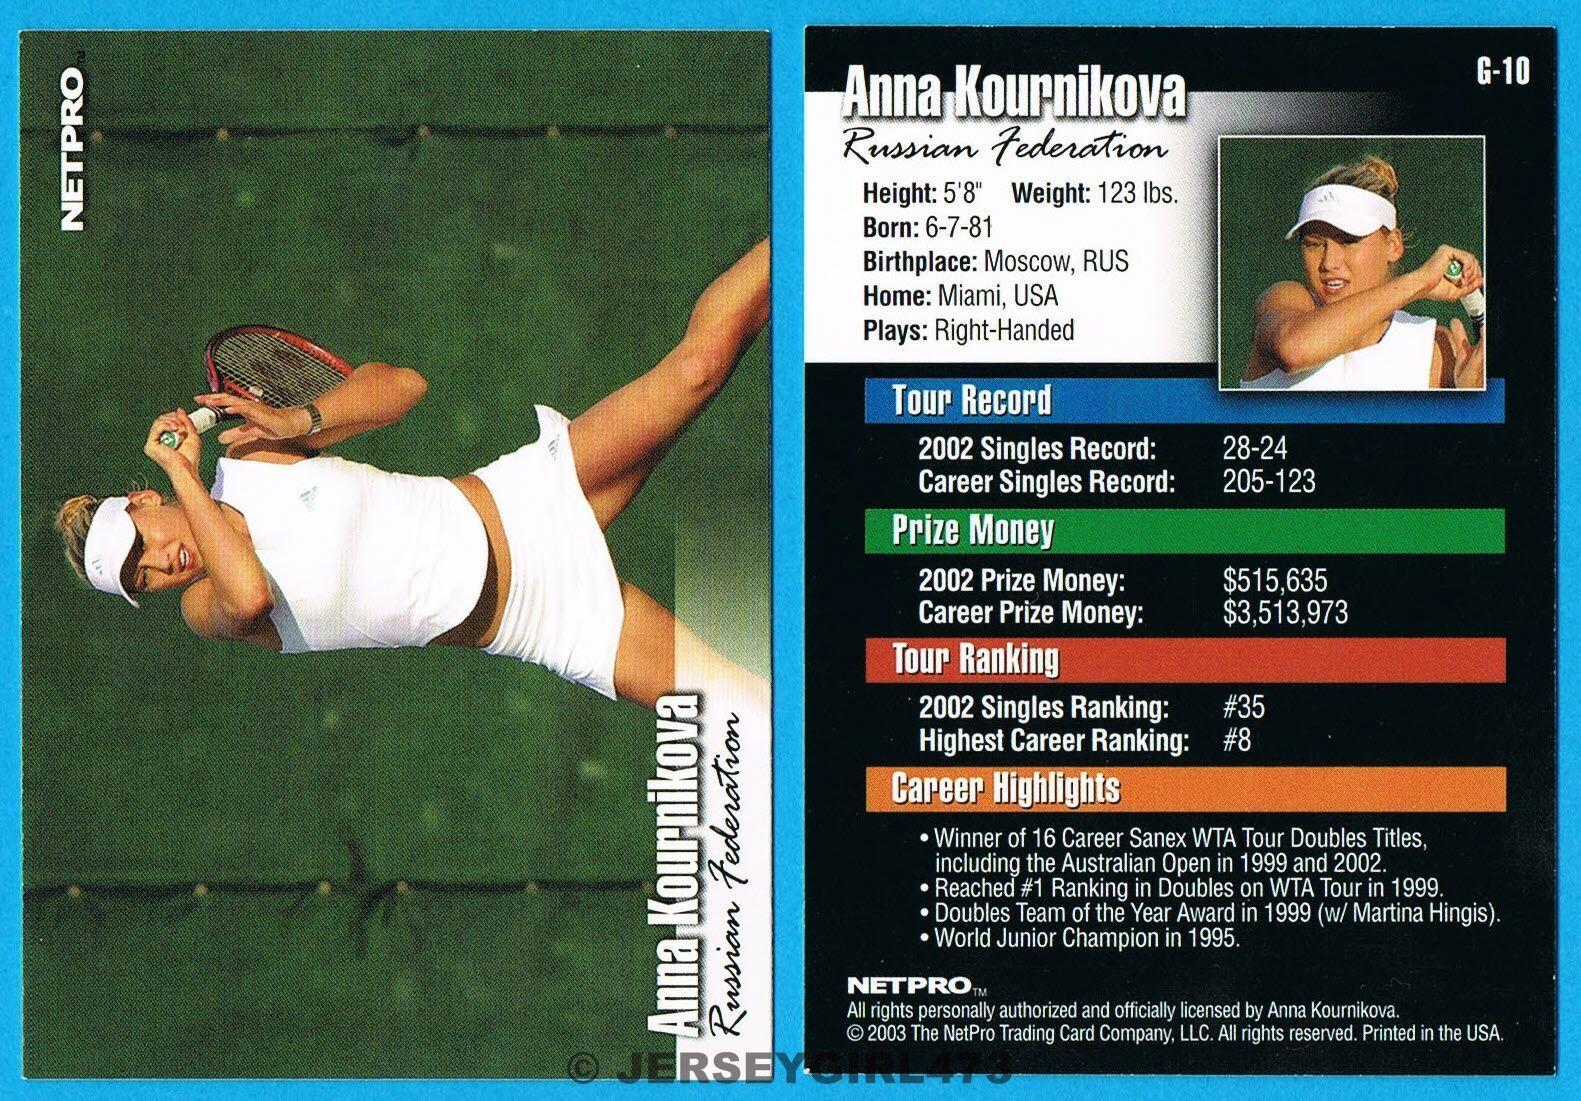 Anna Kournikova 2003 NetPro Glossy Version Tennis Rookie Card #G-10